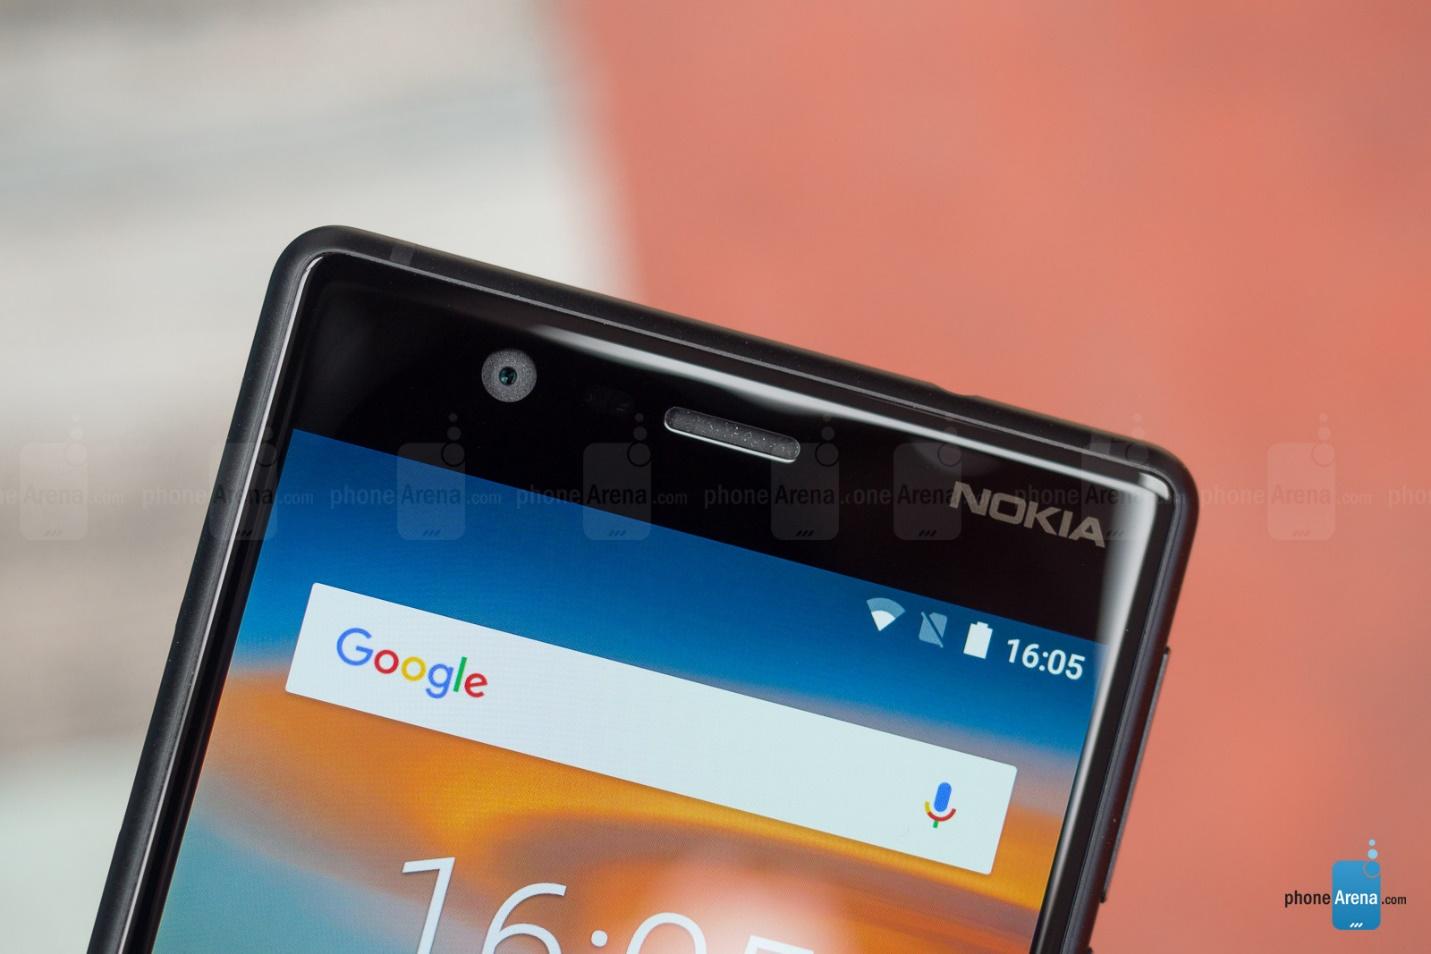 https://i-cdn.phonearena.com/images/reviews/208367-image/Nokia-3-Review-054.jpg